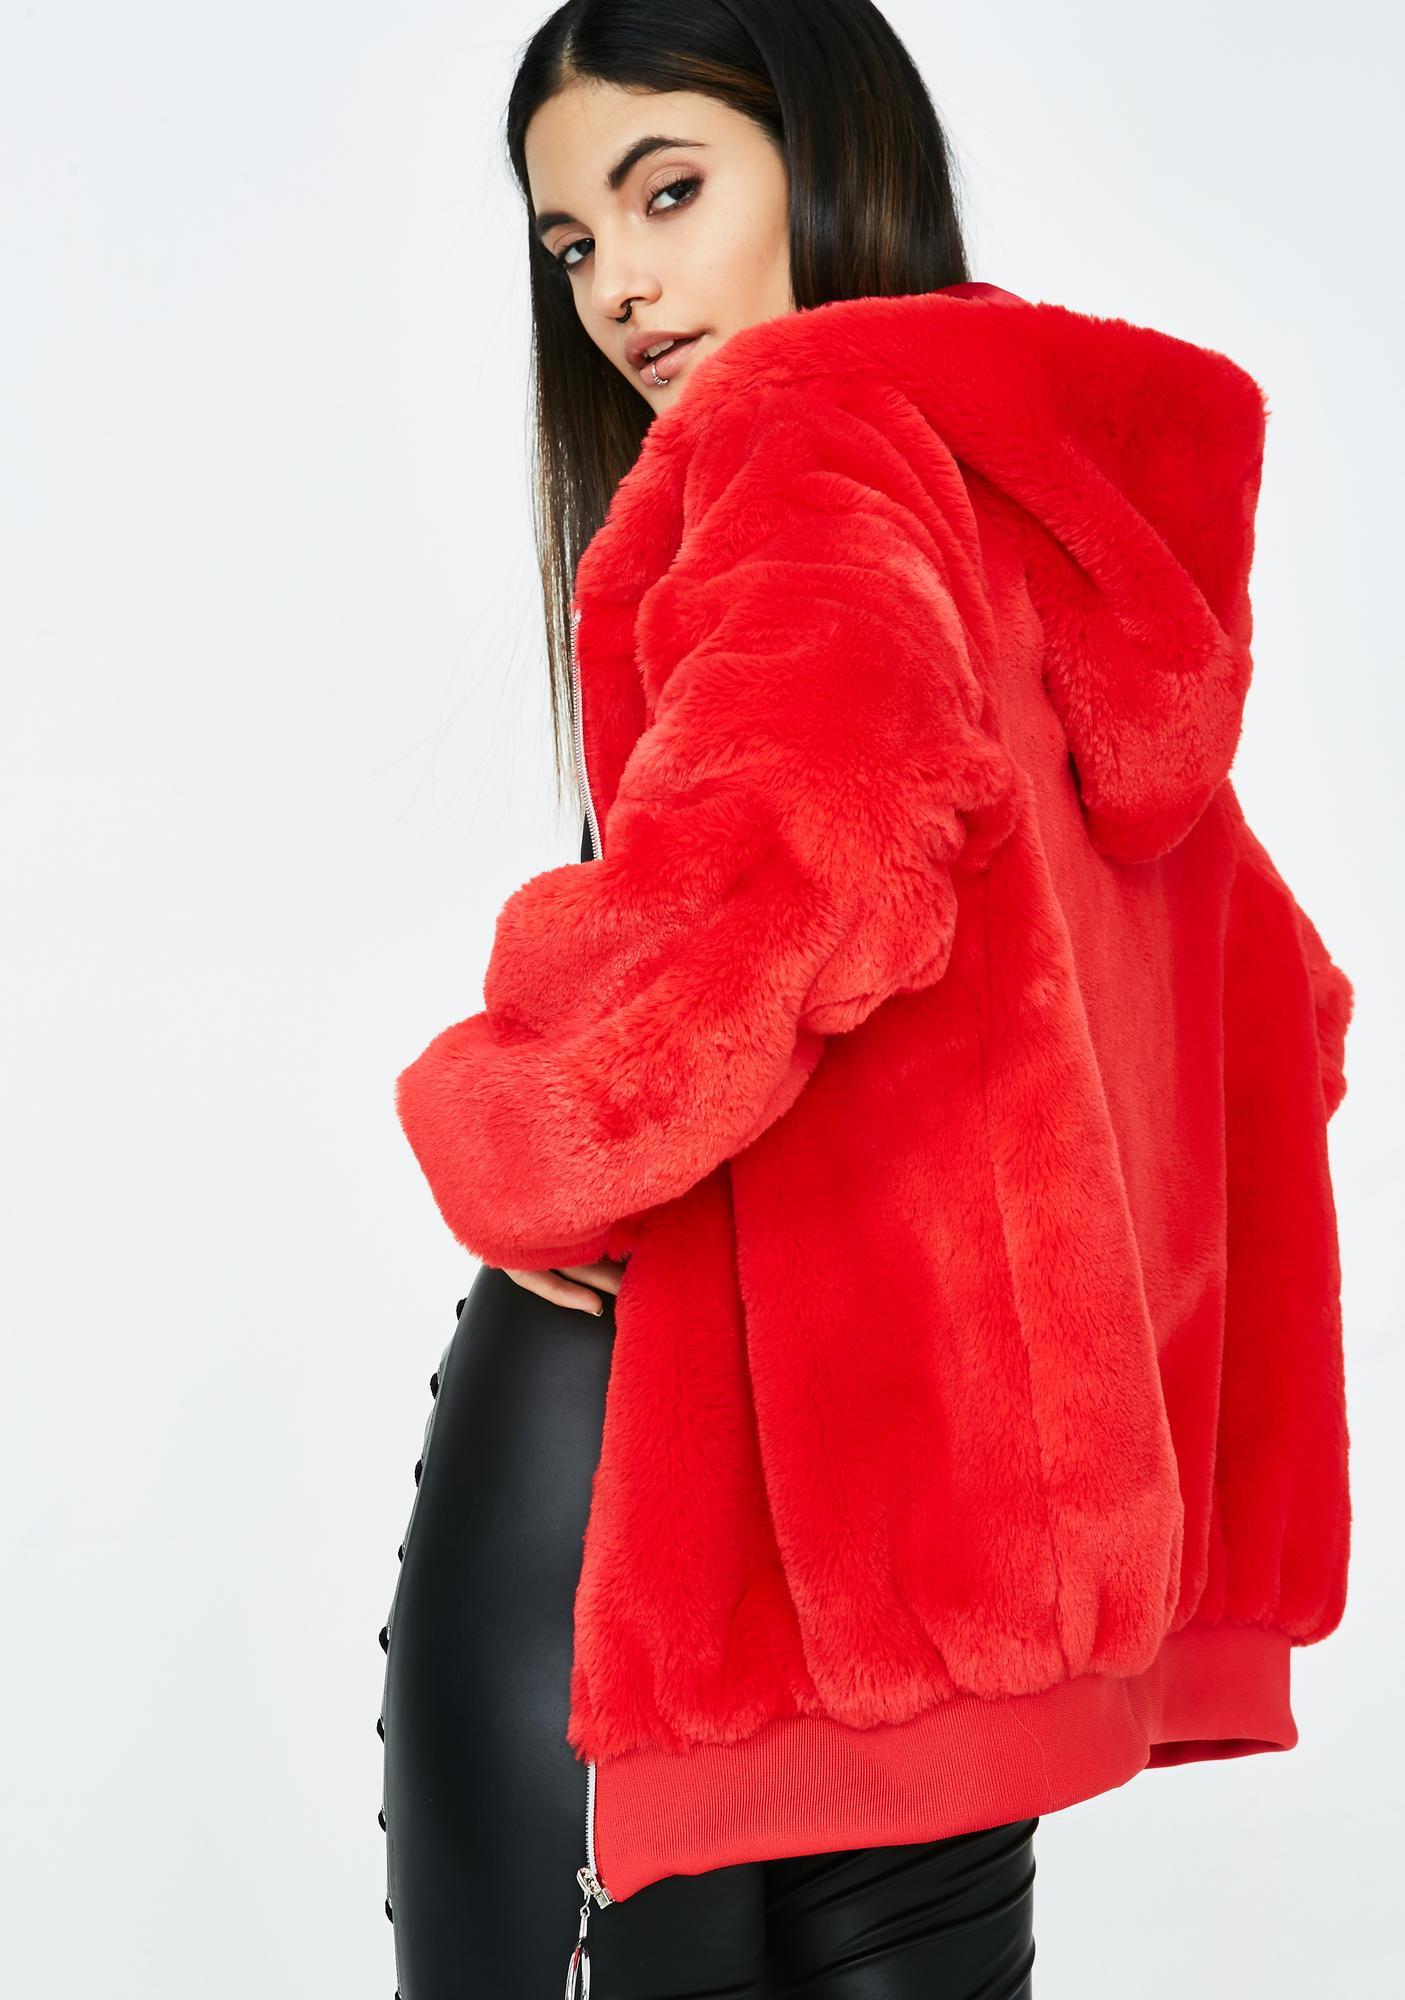 Creature Comfort Furry Hoodie